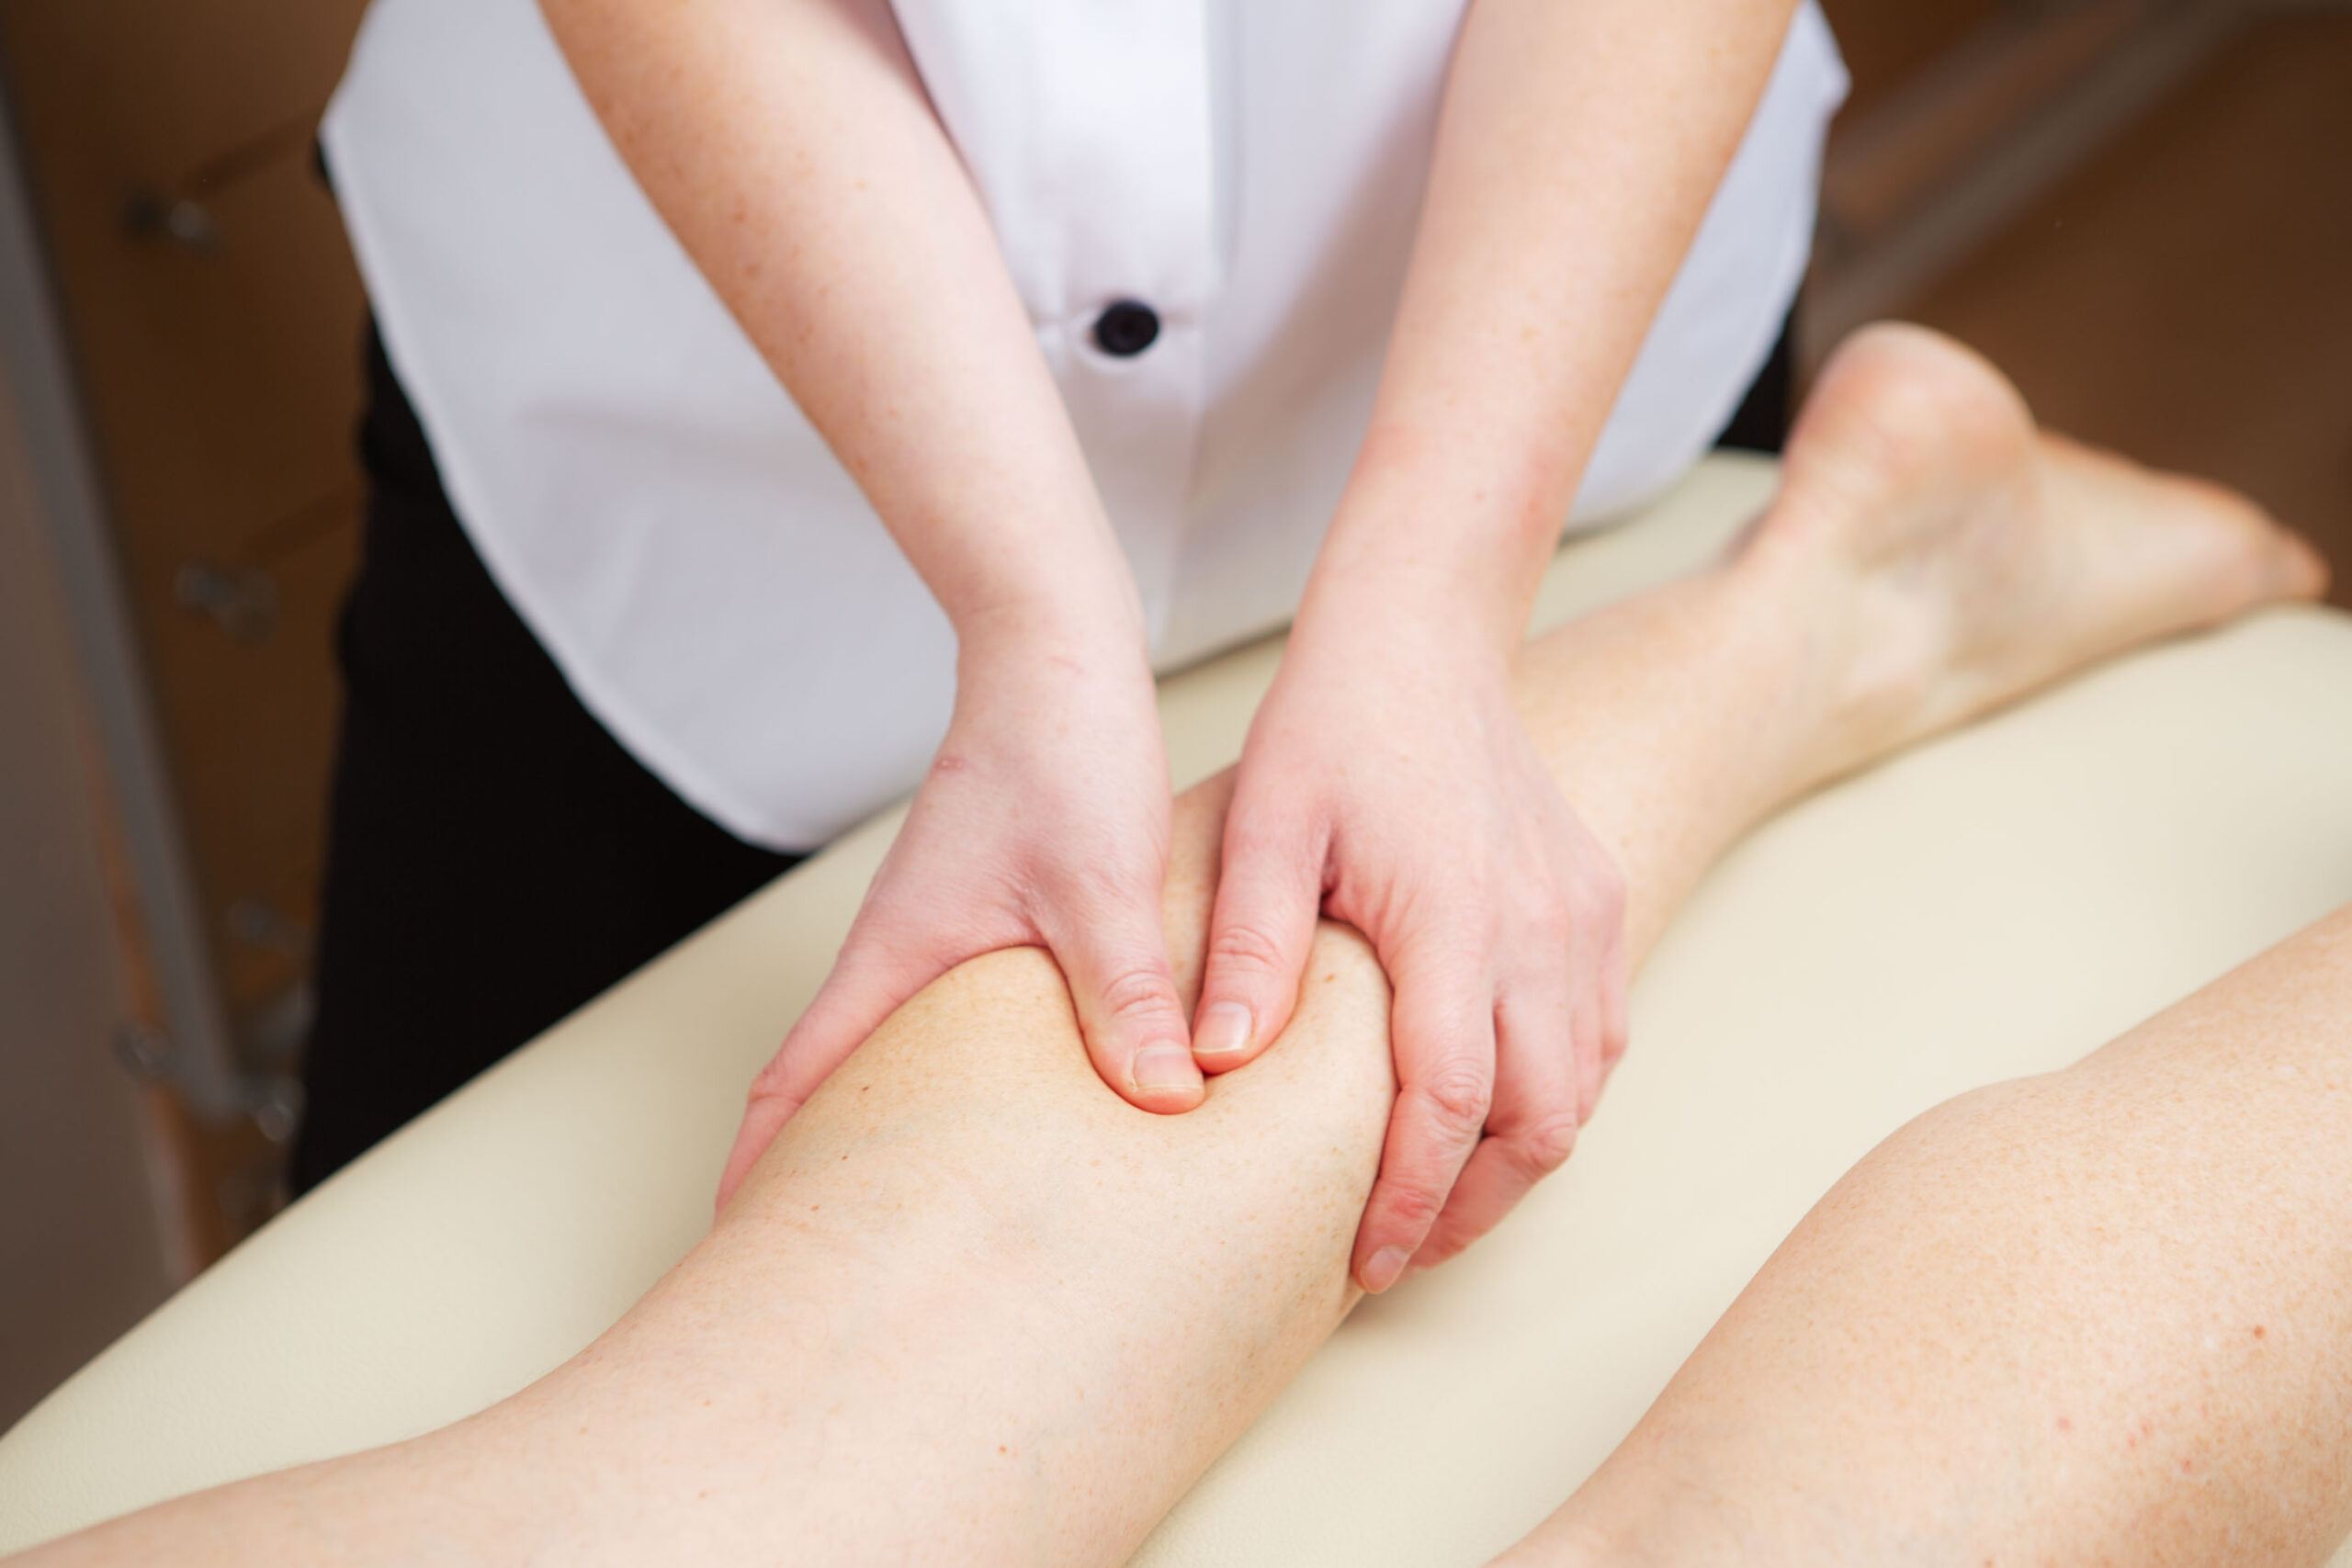 Photo of Leg Massage